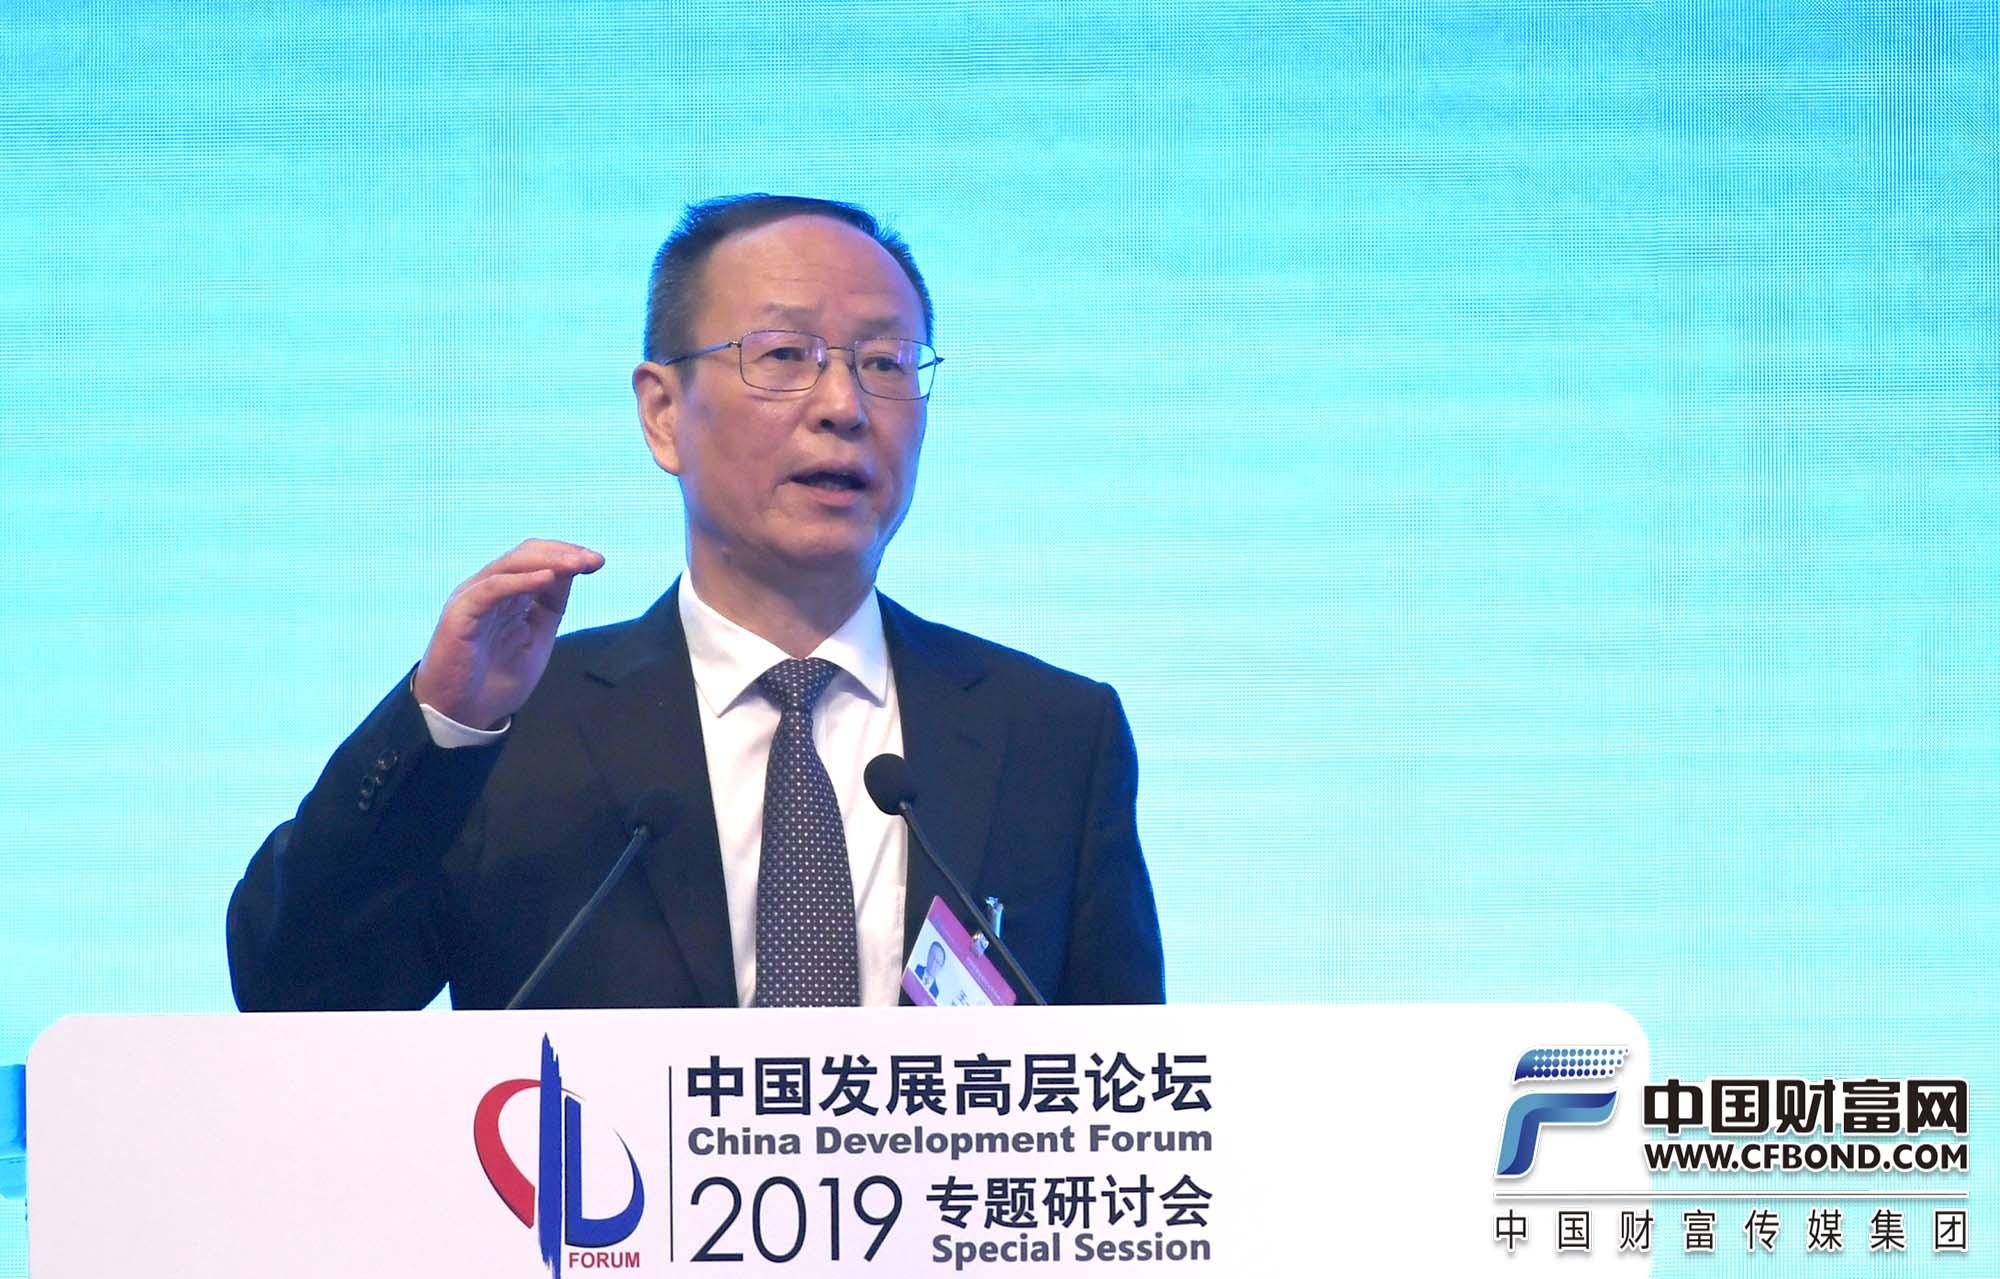 王一鸣:全球经济前景比较黯淡,挑战主要来自四方面